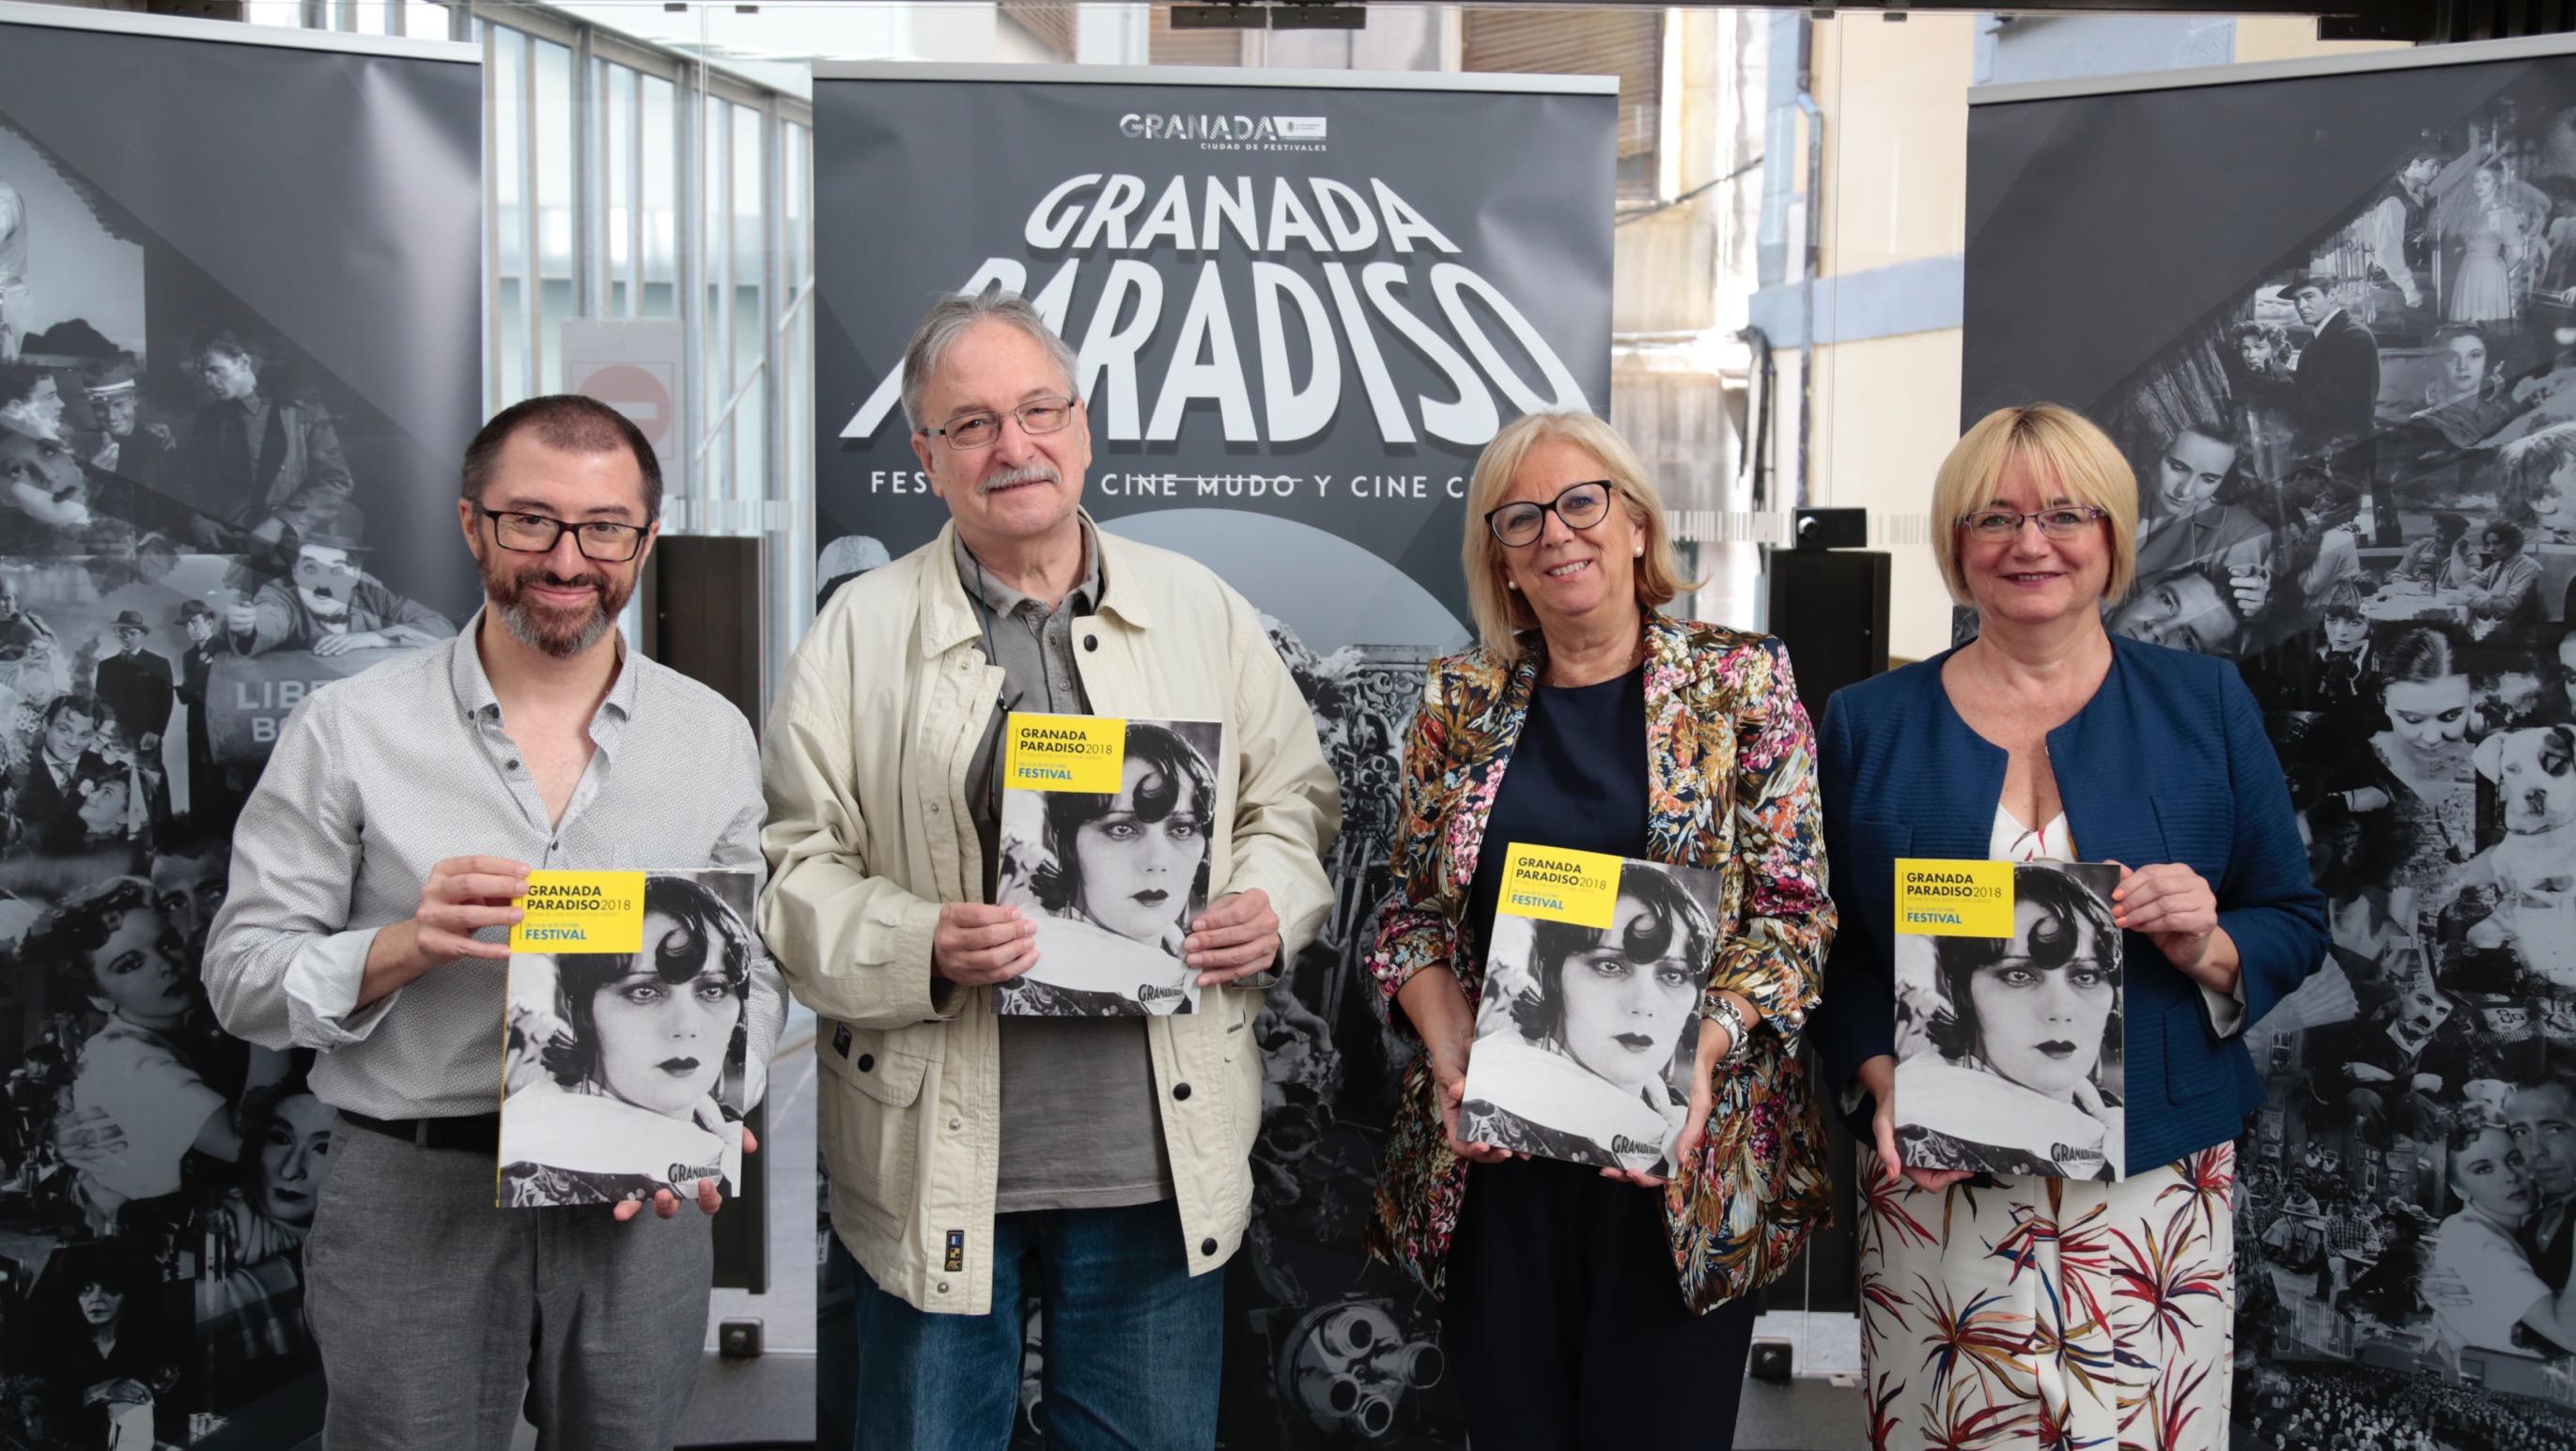 La programación del Festival Granada Paradiso 2018.